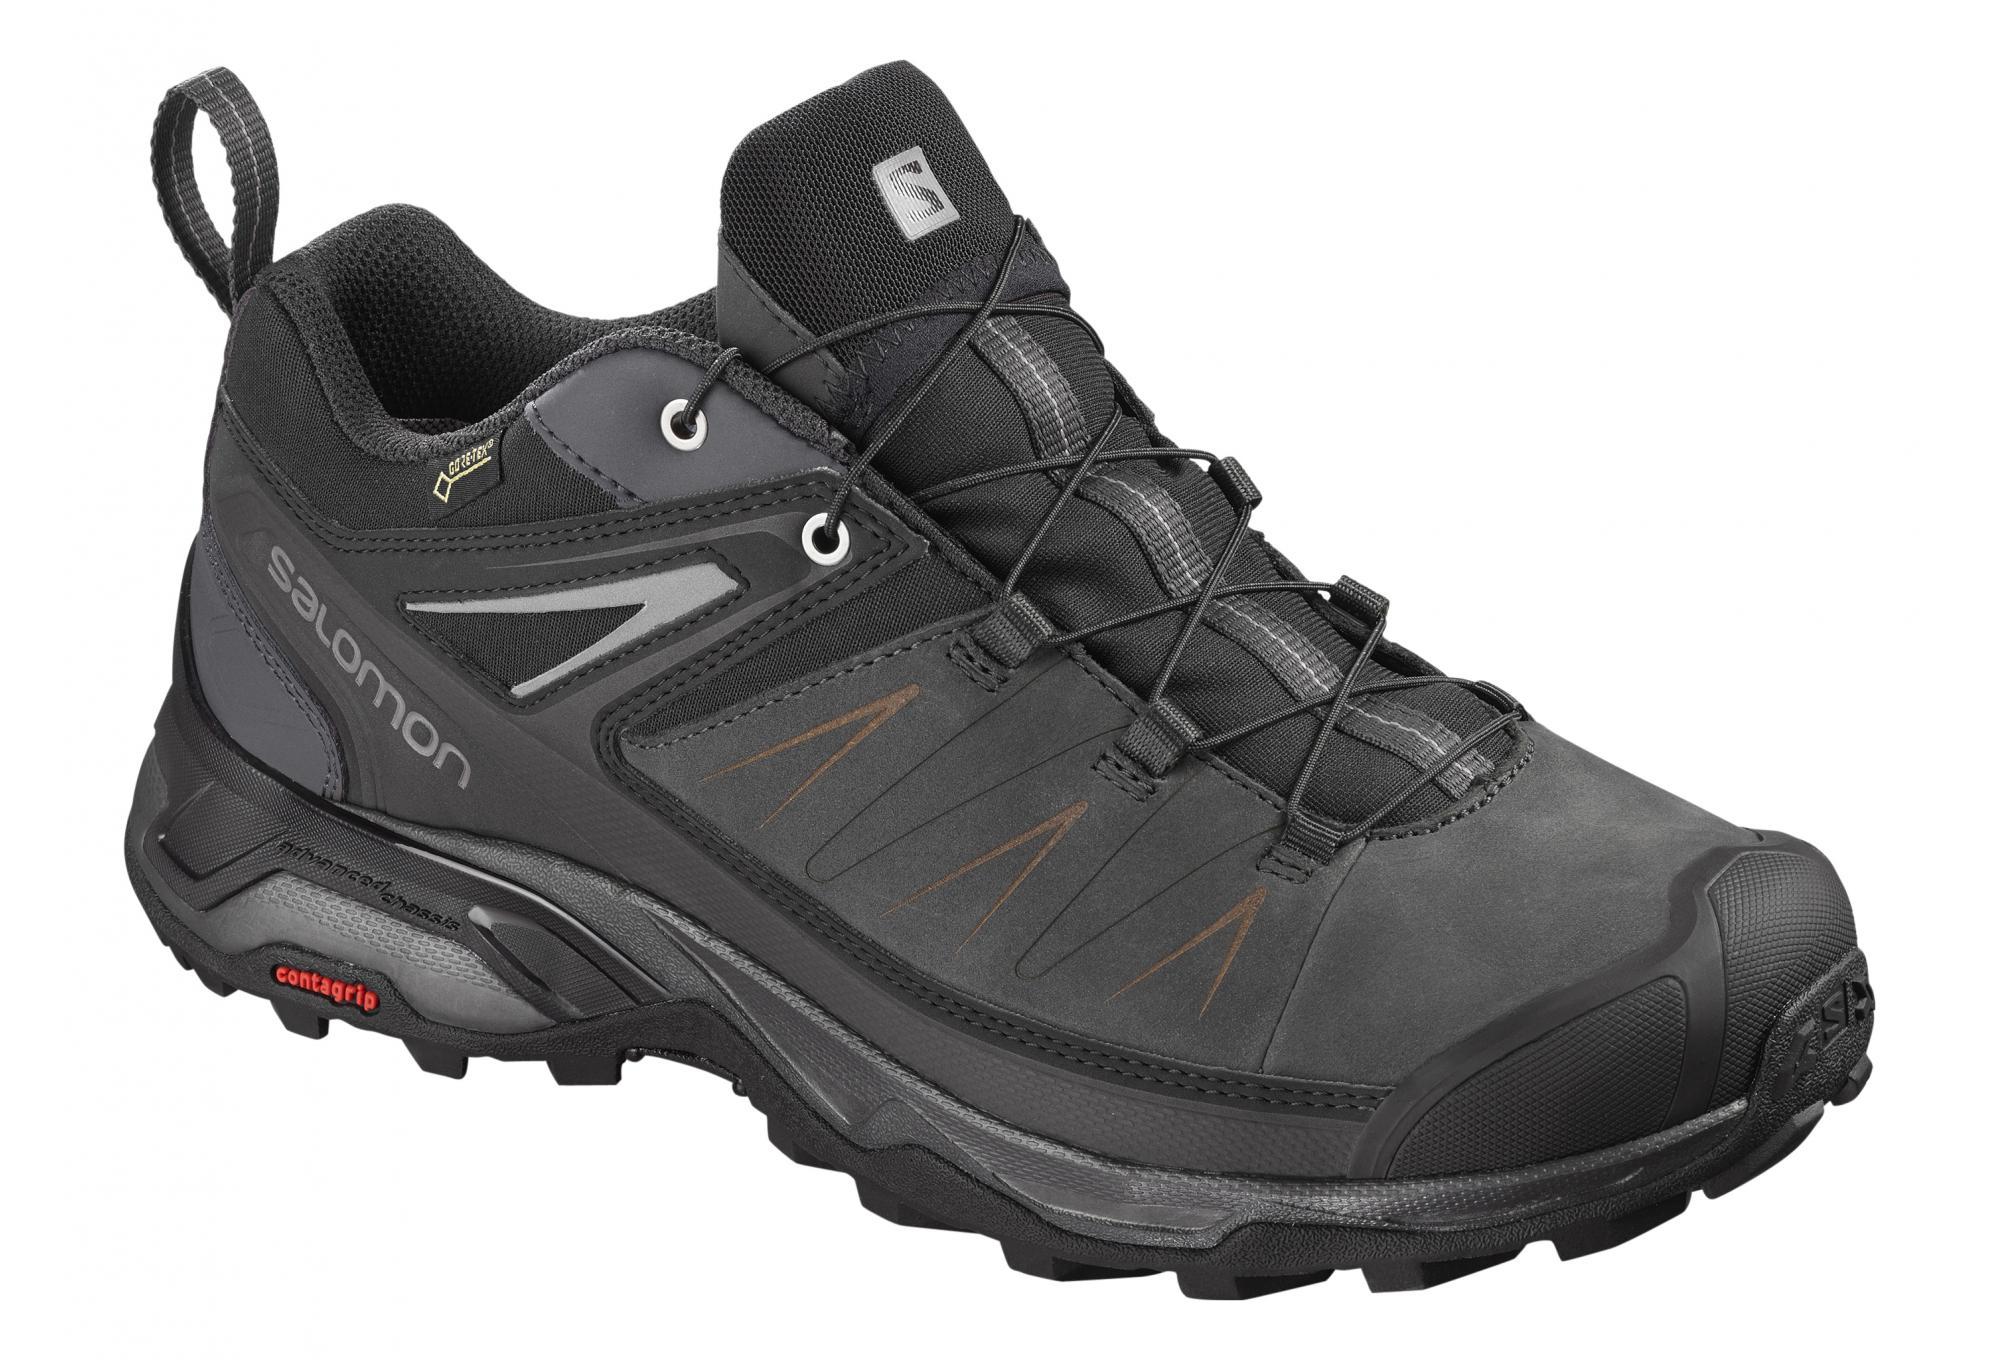 b29b51c2d702 Zapatos Salomon X Ultra 3 LiteR Gtx